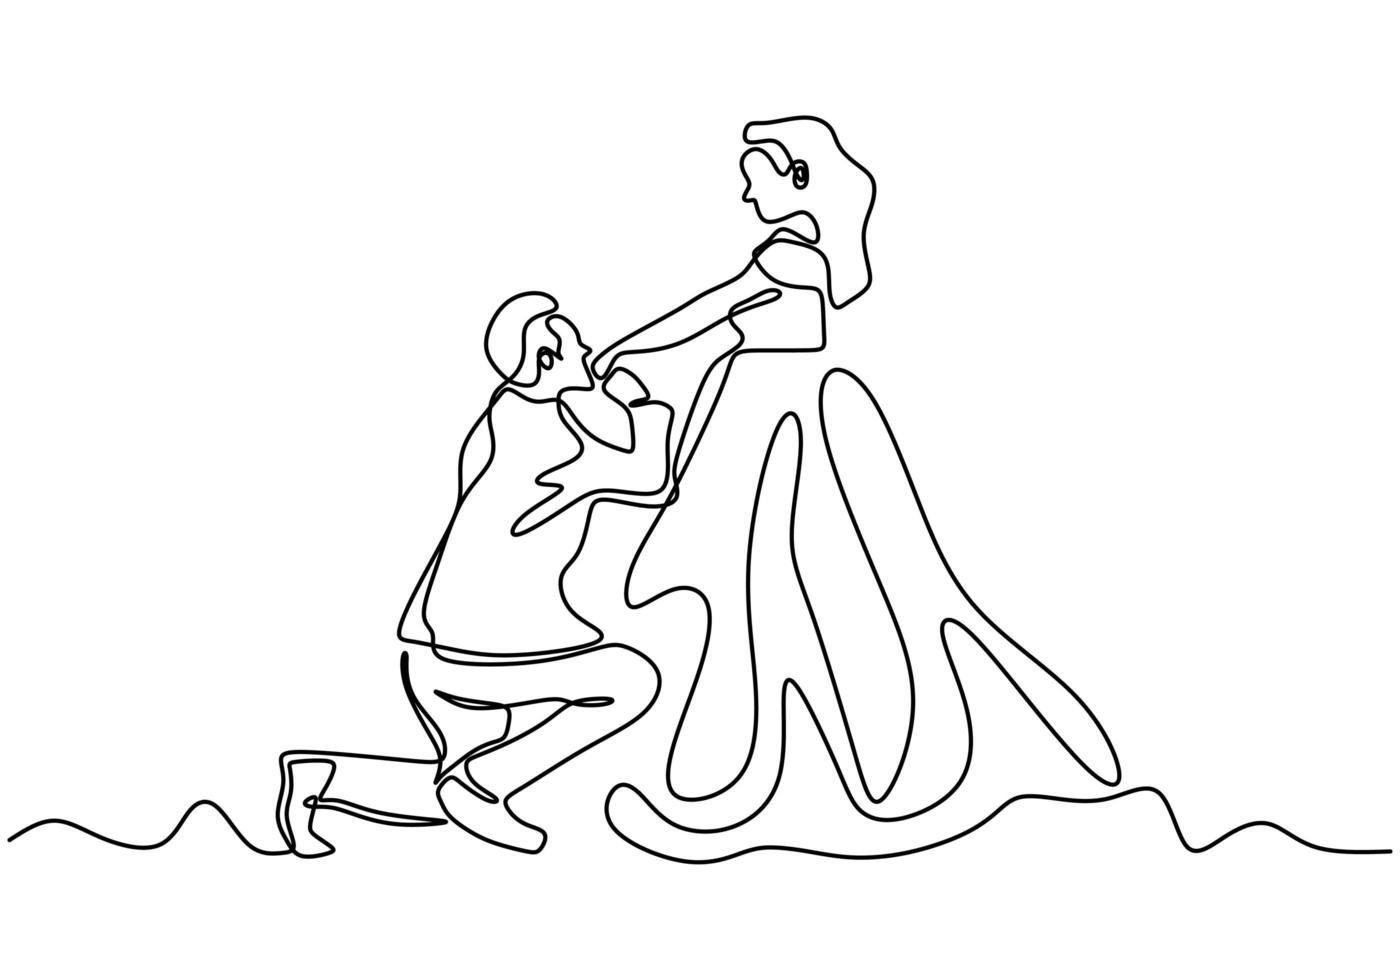 doorlopende lijntekening. romantisch koppel, een man die een hand van een vrouw kust, een huwelijk voorstelt. een hand getekend minimalisme. vector